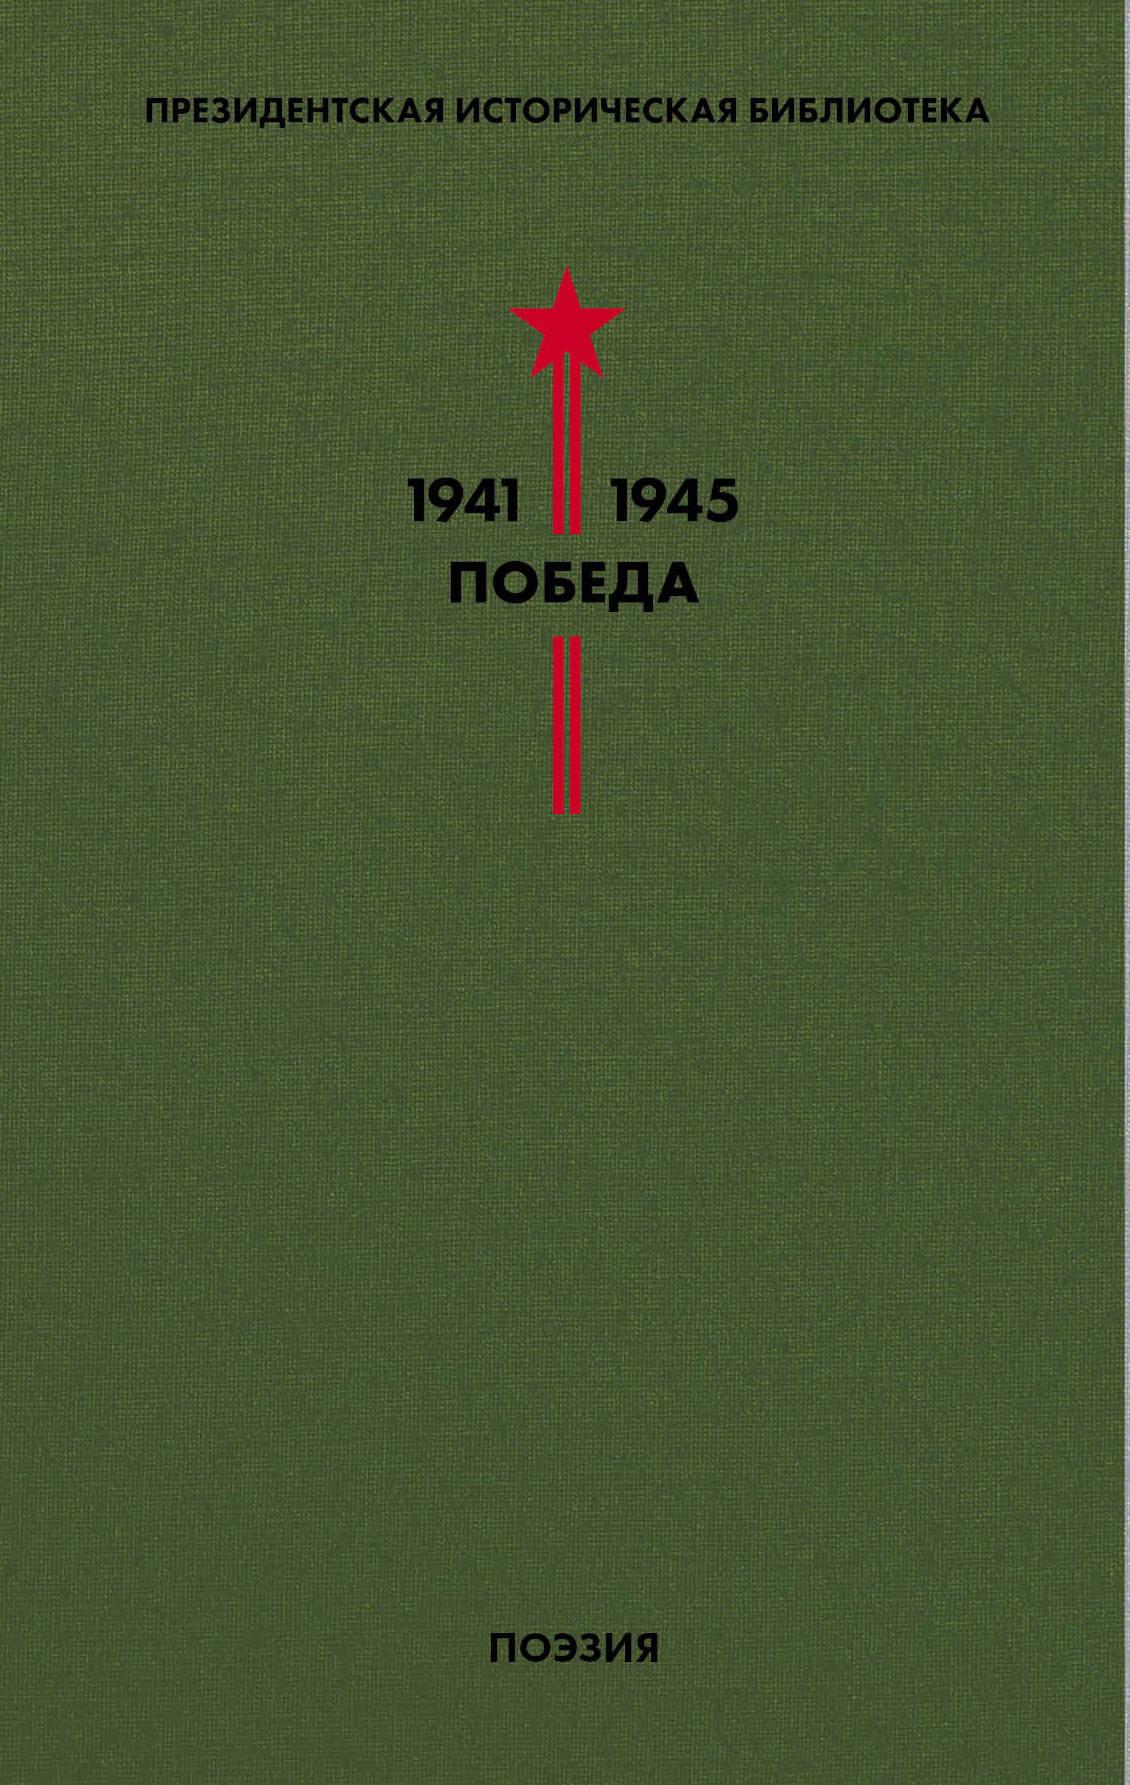 Библиотека Победы: Том 3: Поэзия